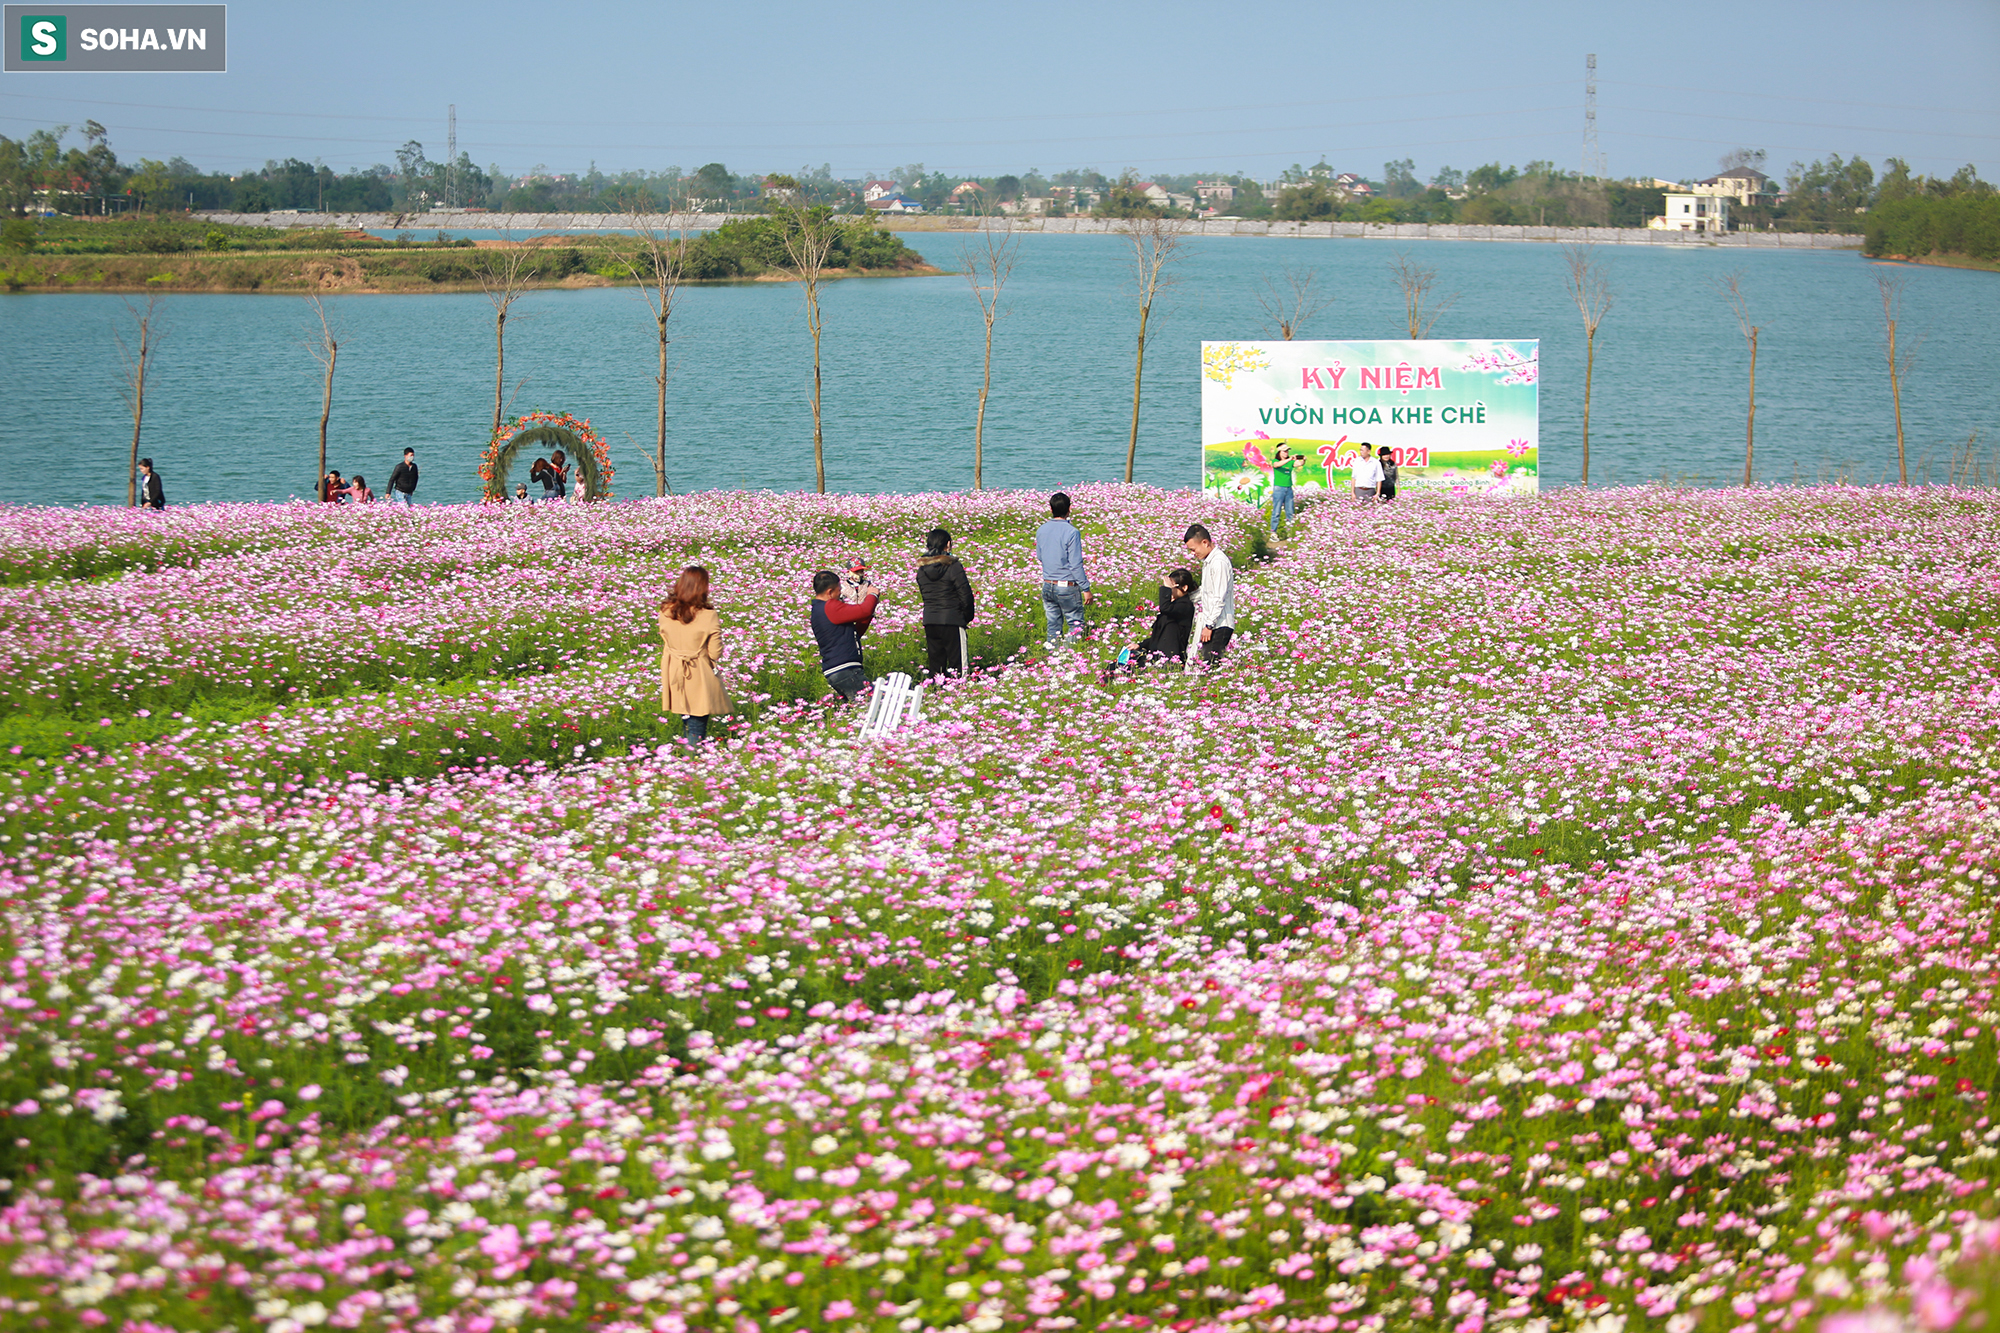 Mê mẩn cánh đồng hoa sao nhái đầy màu sắc được giới trẻ săn tìm để check-in ở Quảng Bình - Ảnh 2.